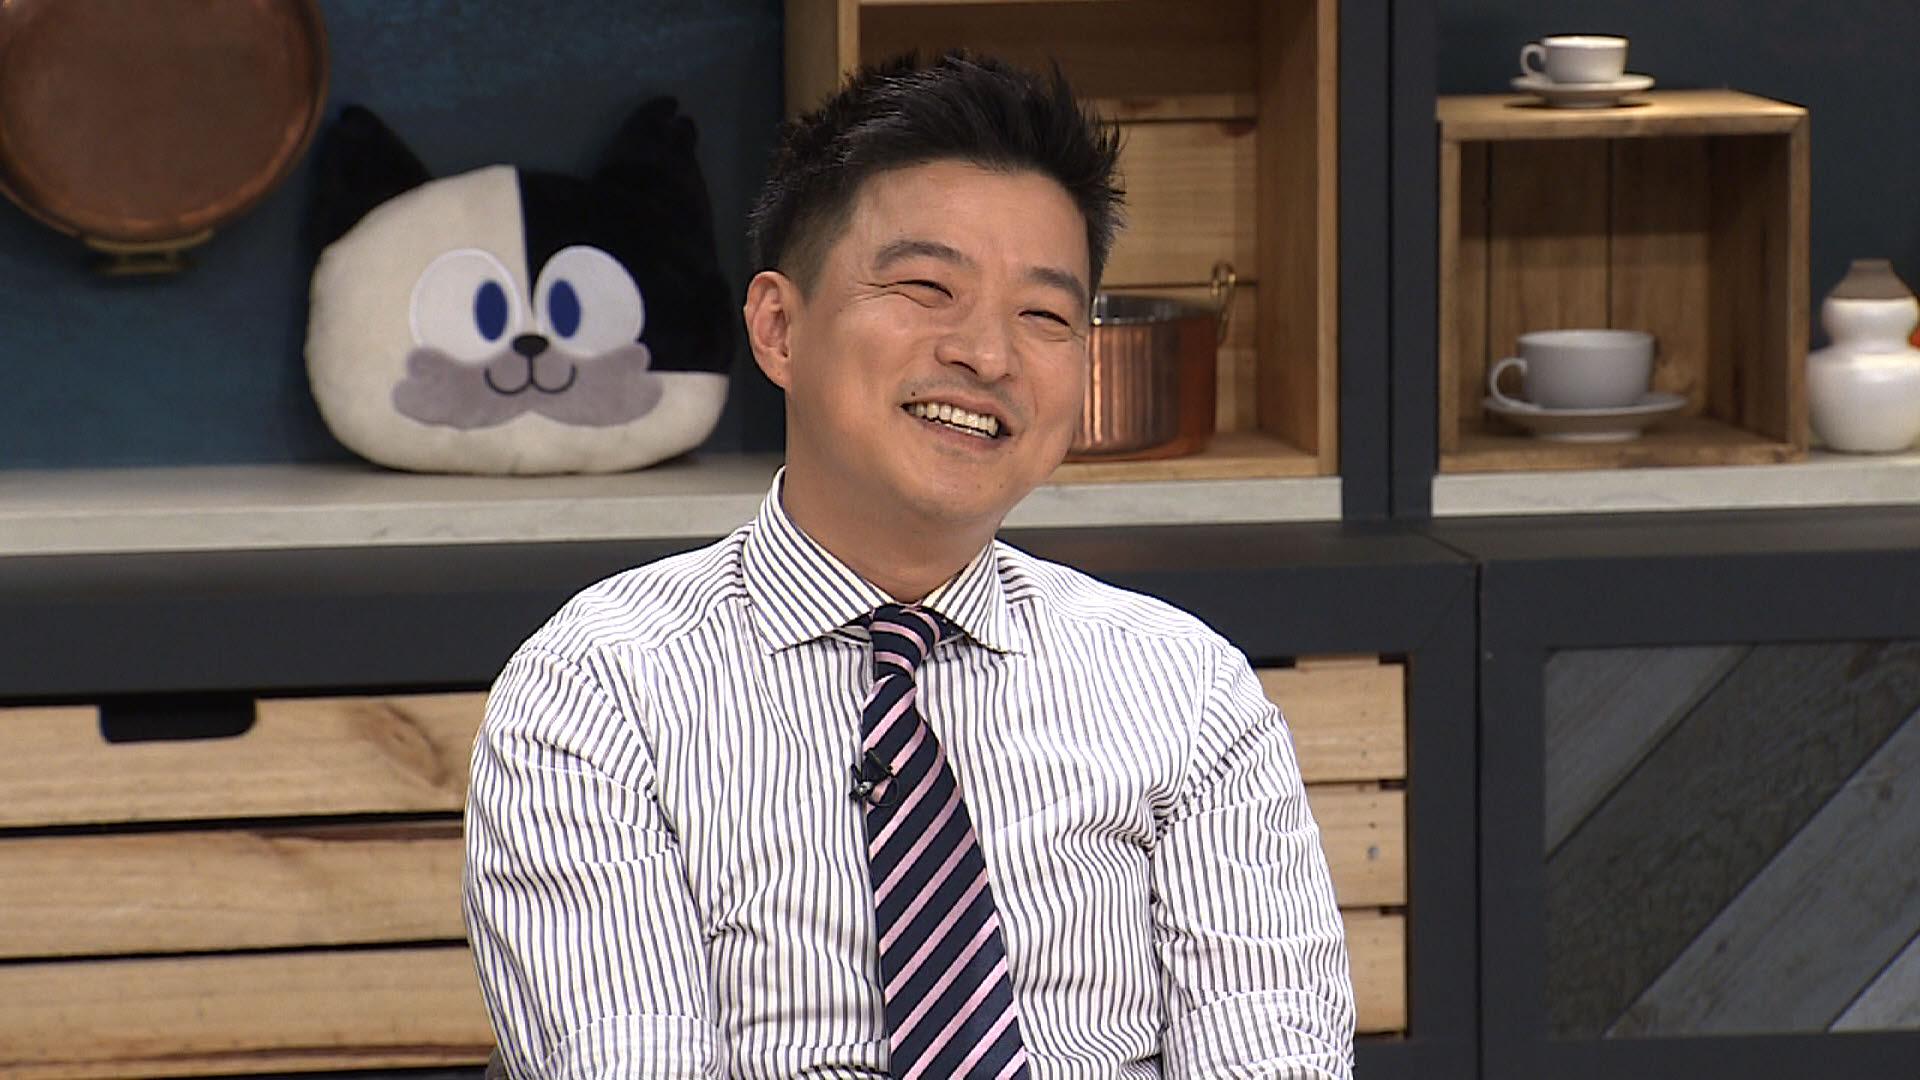 <냉장고를 부탁해> 통장 요정 김생민, 그뤠잇한 냉장고 최초 공개!